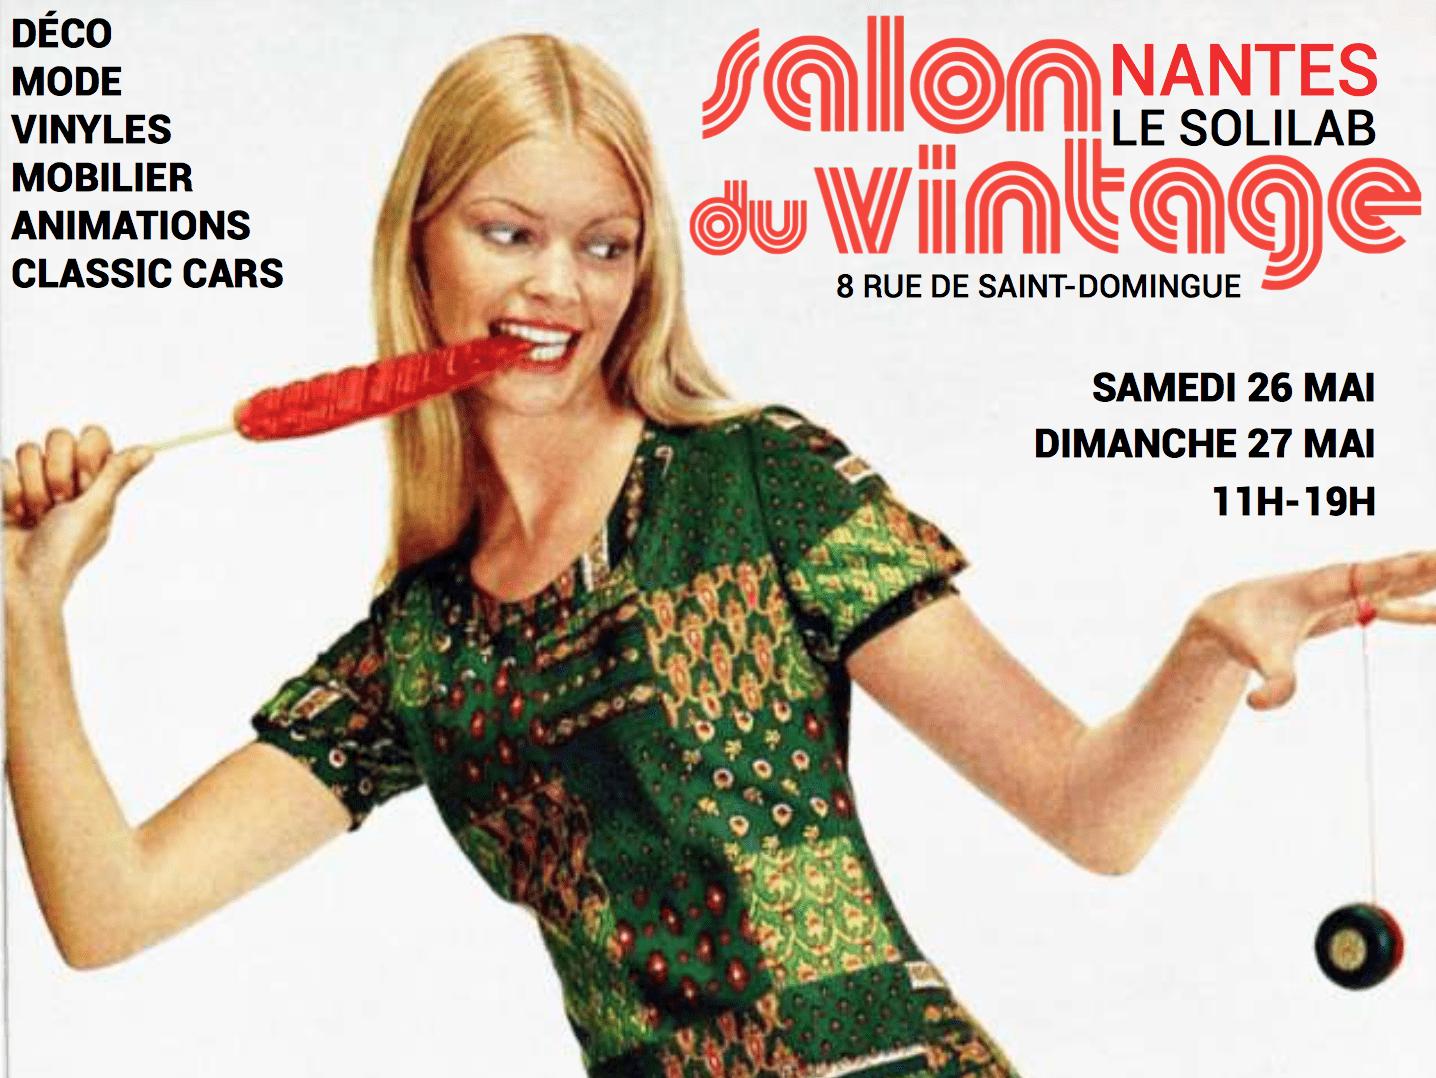 Salon du vintage nantes